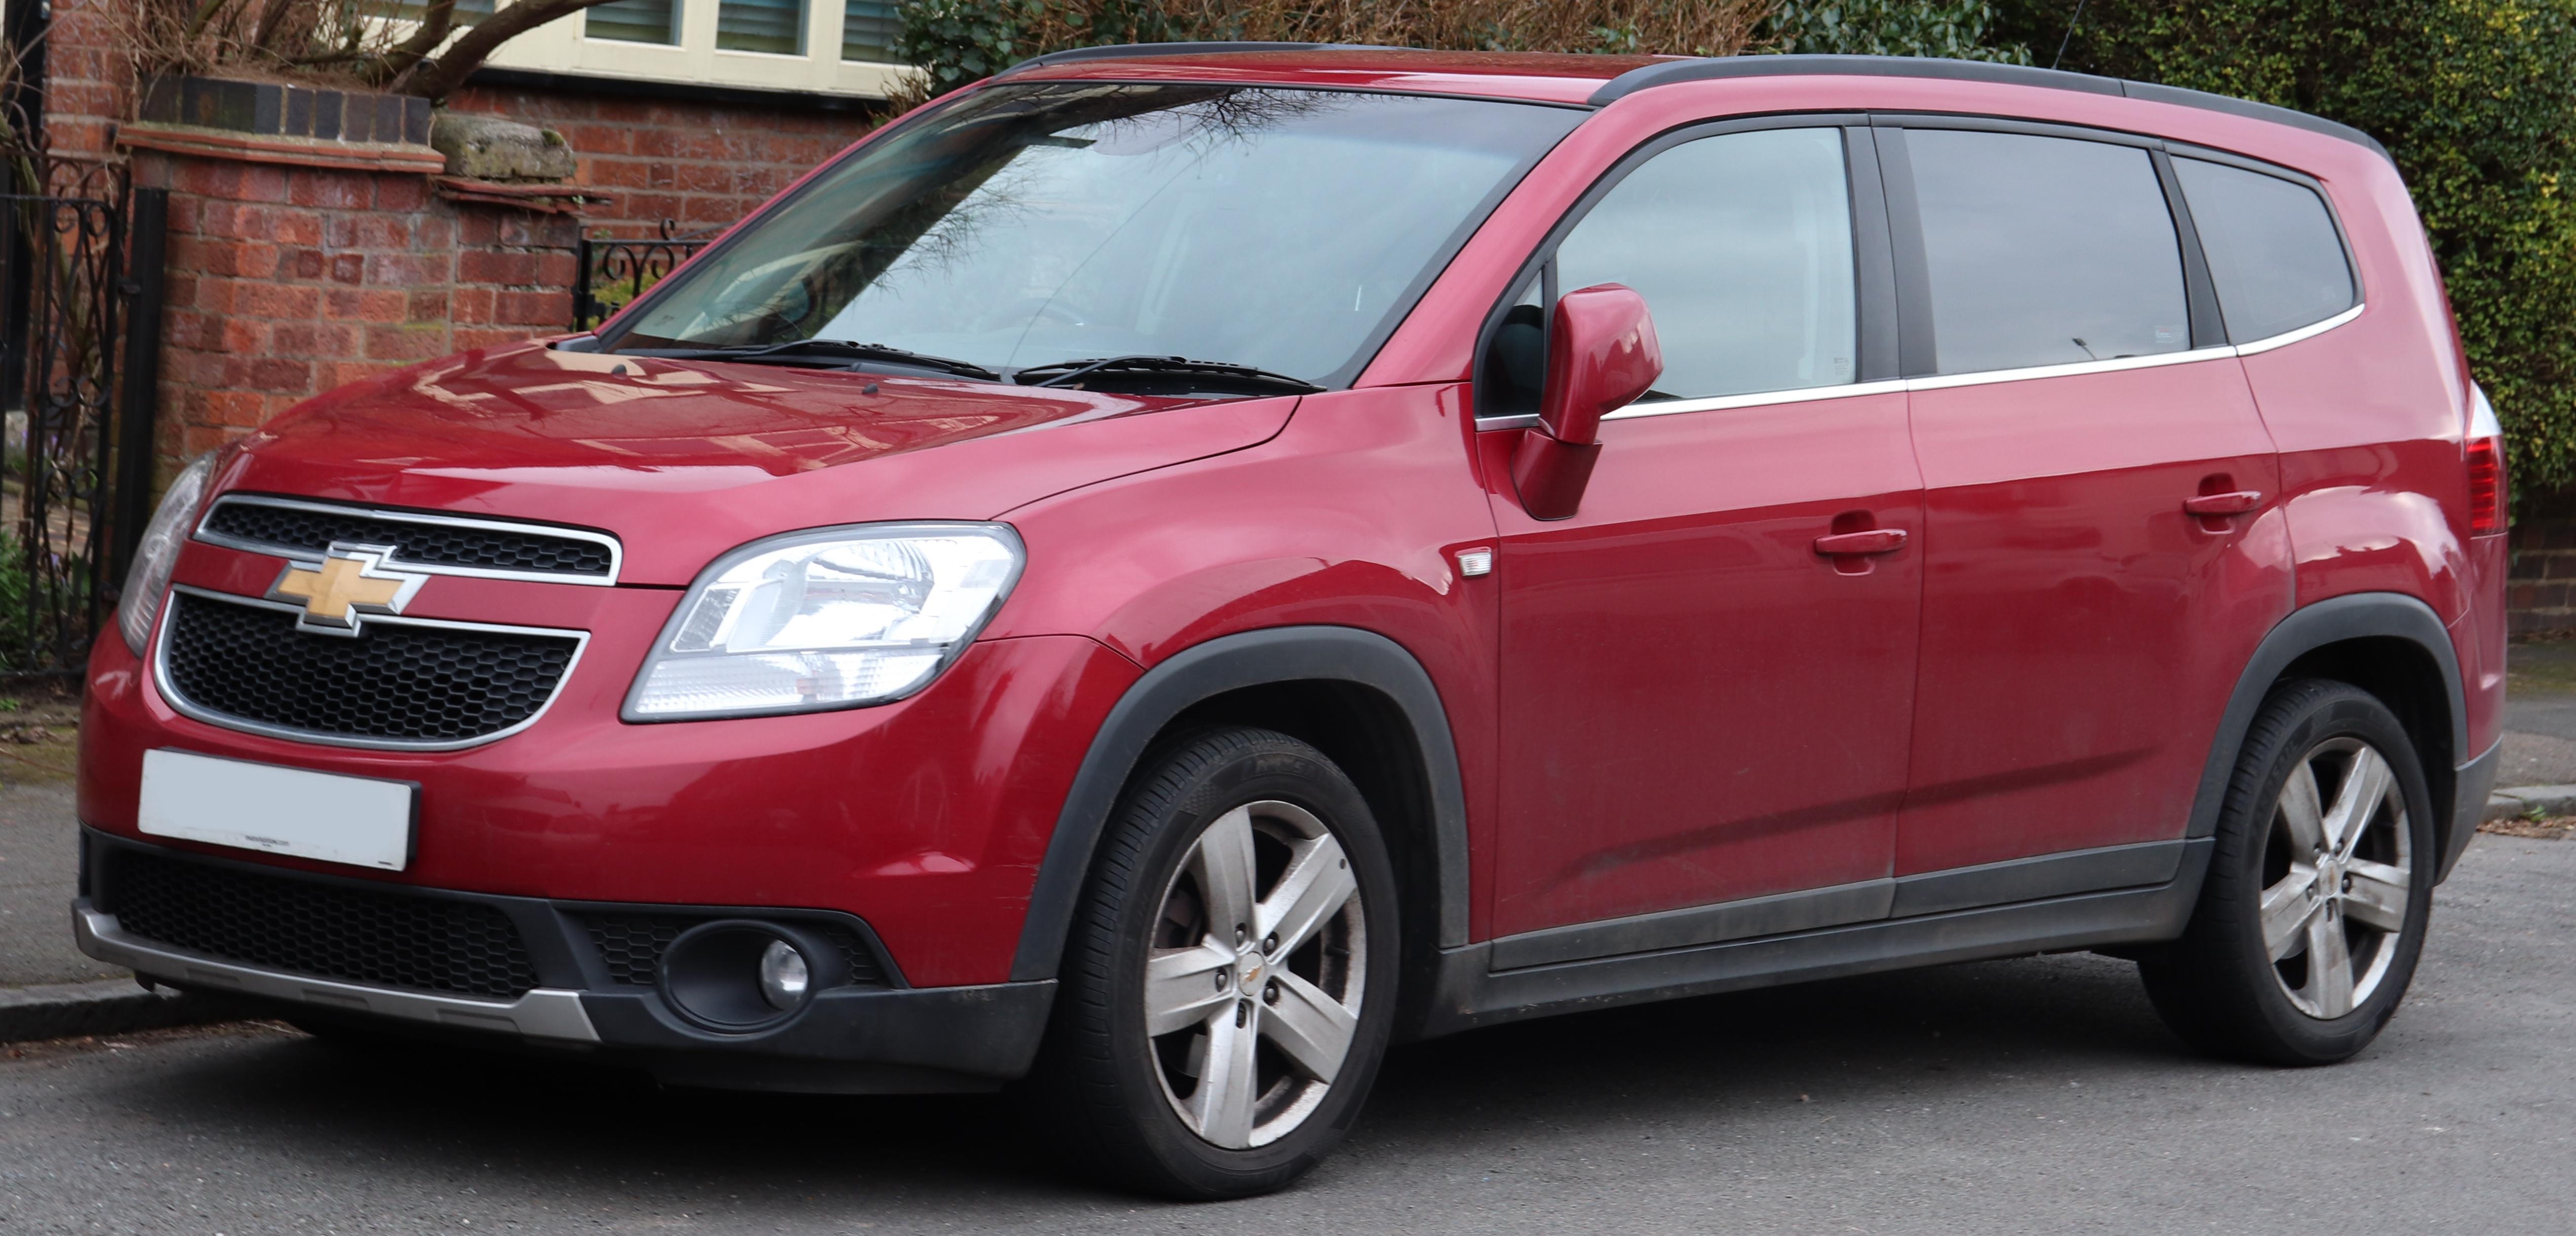 Kelebihan Kekurangan Chevrolet Orlando Perbandingan Harga